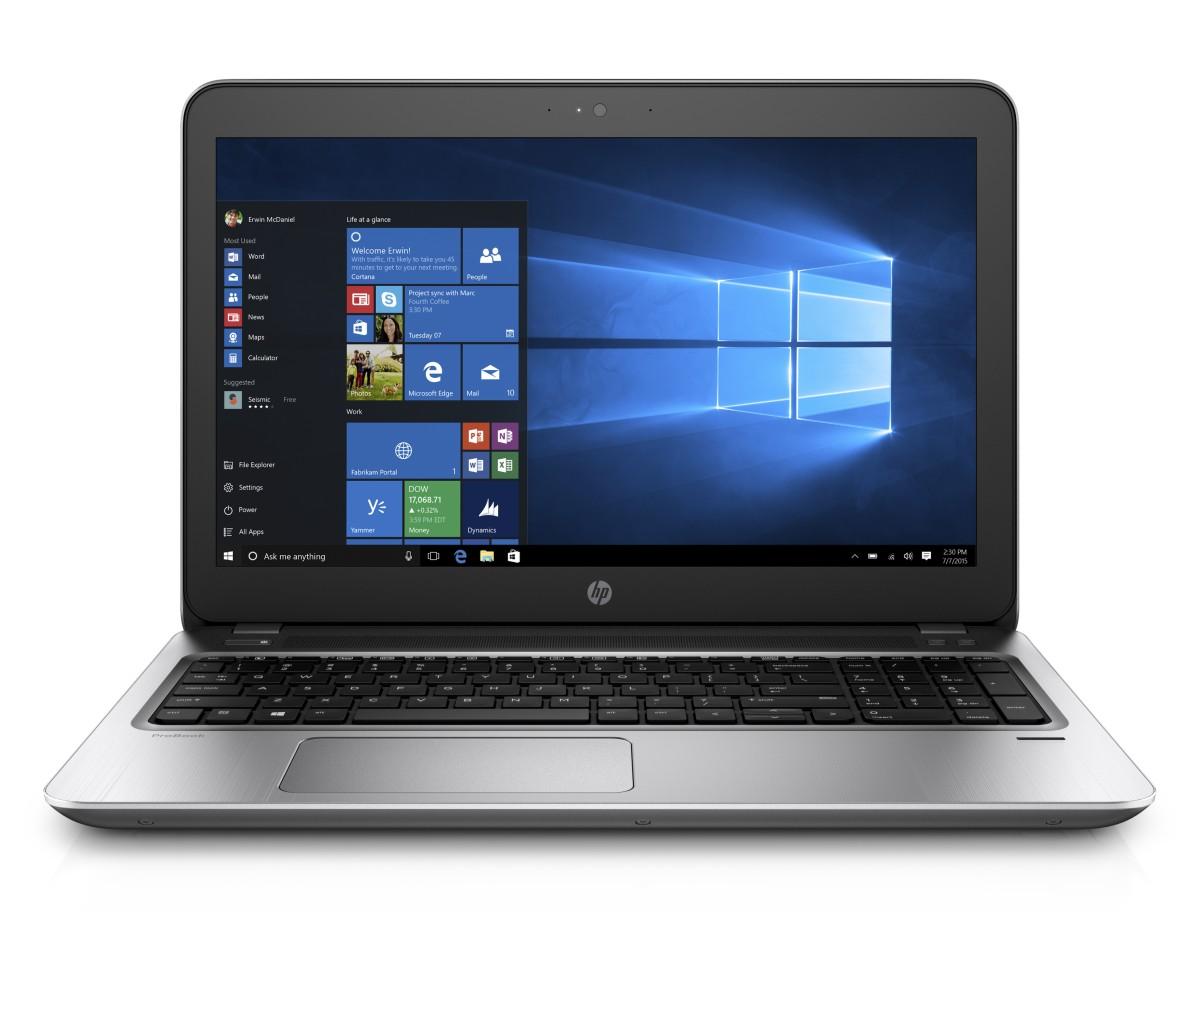 HP ProBook 450 G4 i5-7200U / 8GB / 128GB + 1TB / 15,6'' FHD / GF930MX/2G / Win 10